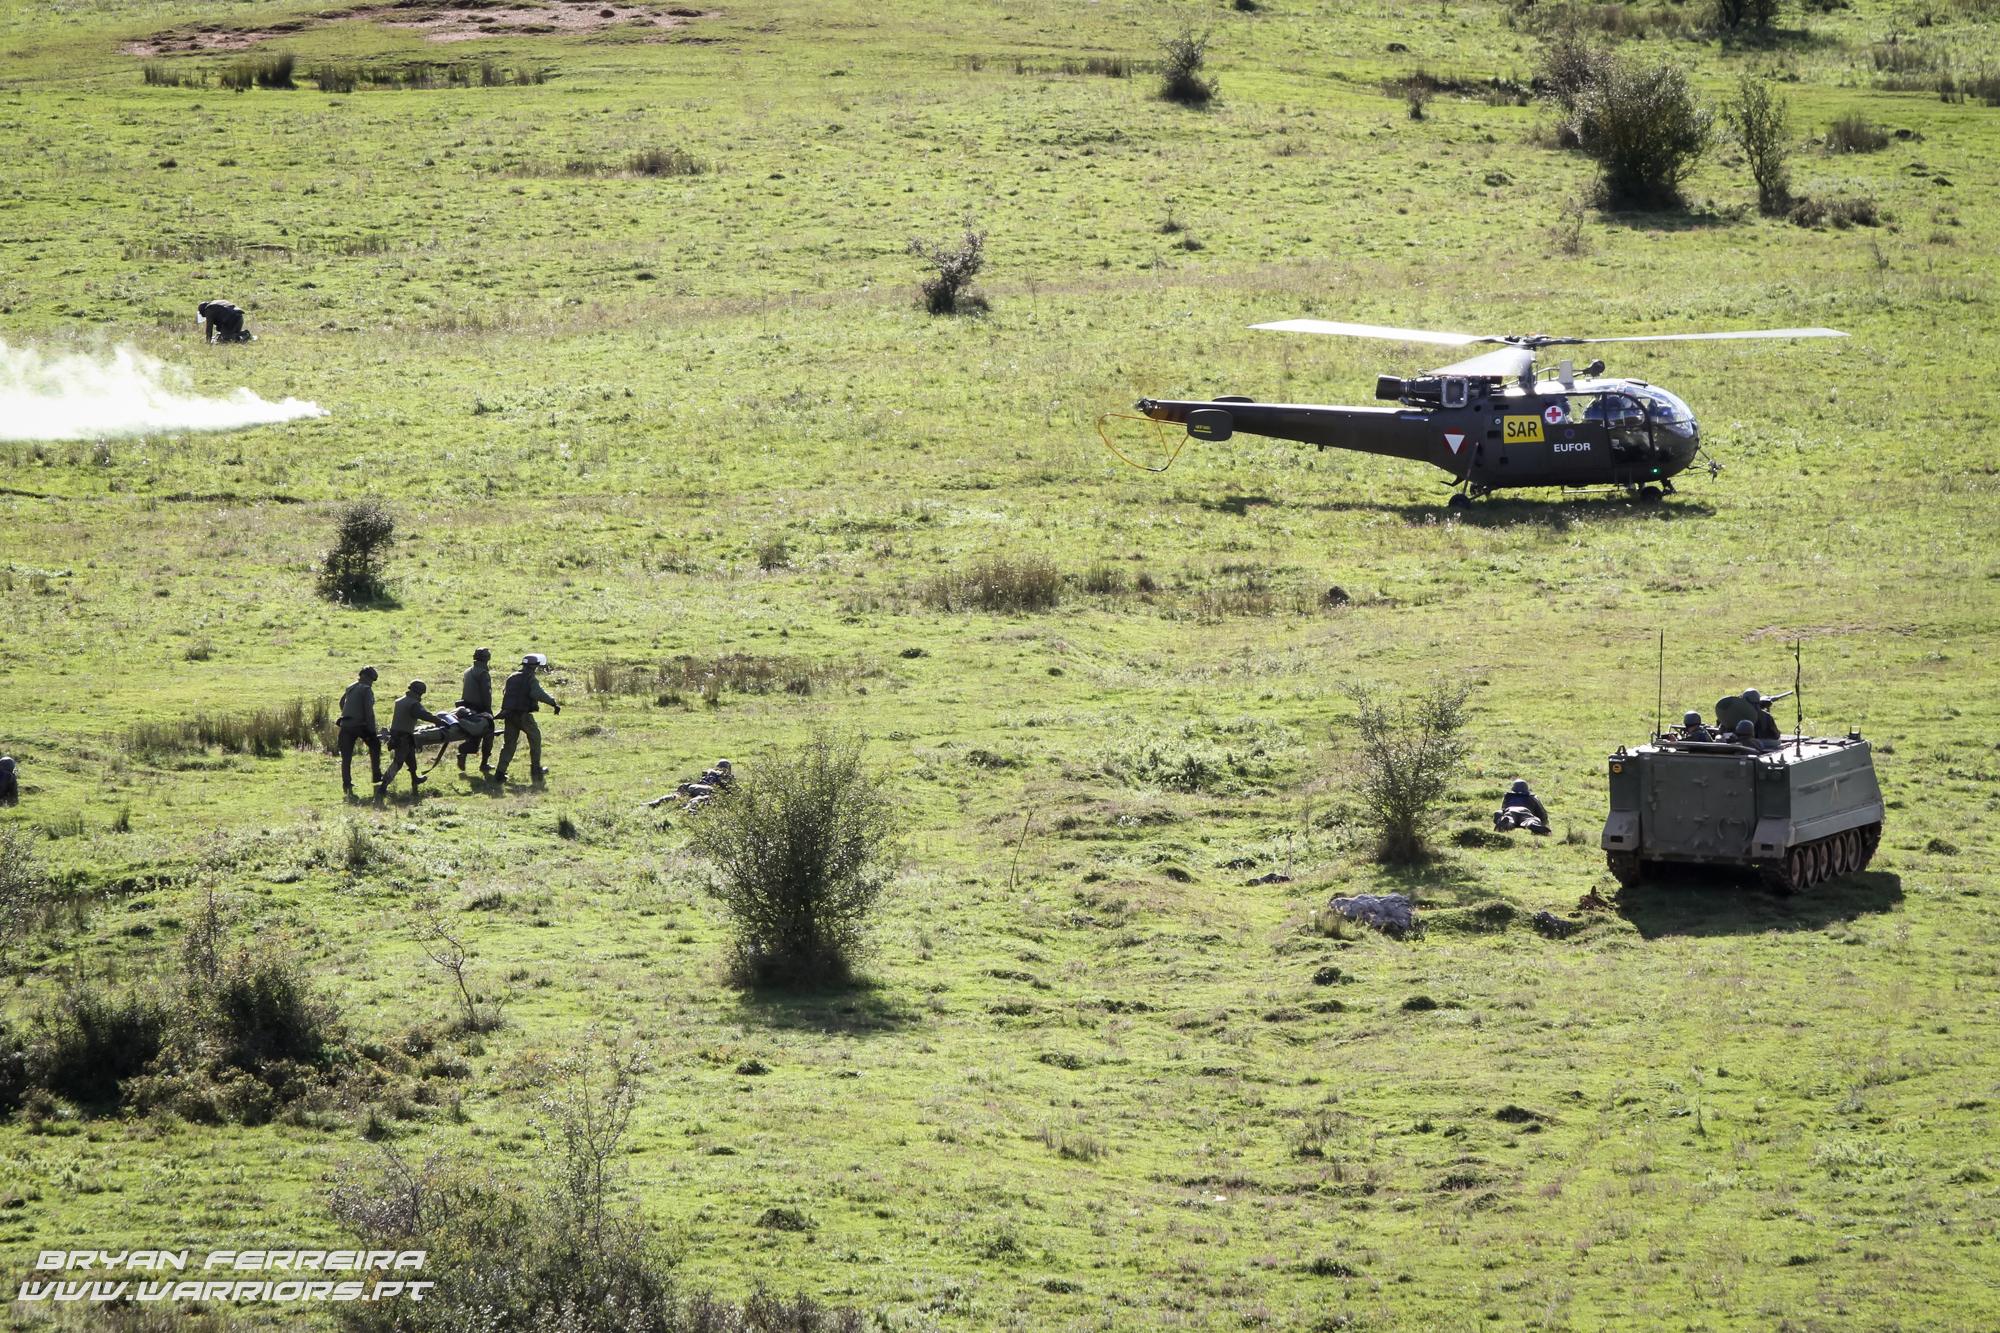 Os Allouete providenciaram missões de SAR (Search and Rescue) para todas as forças presentes no exercicio.